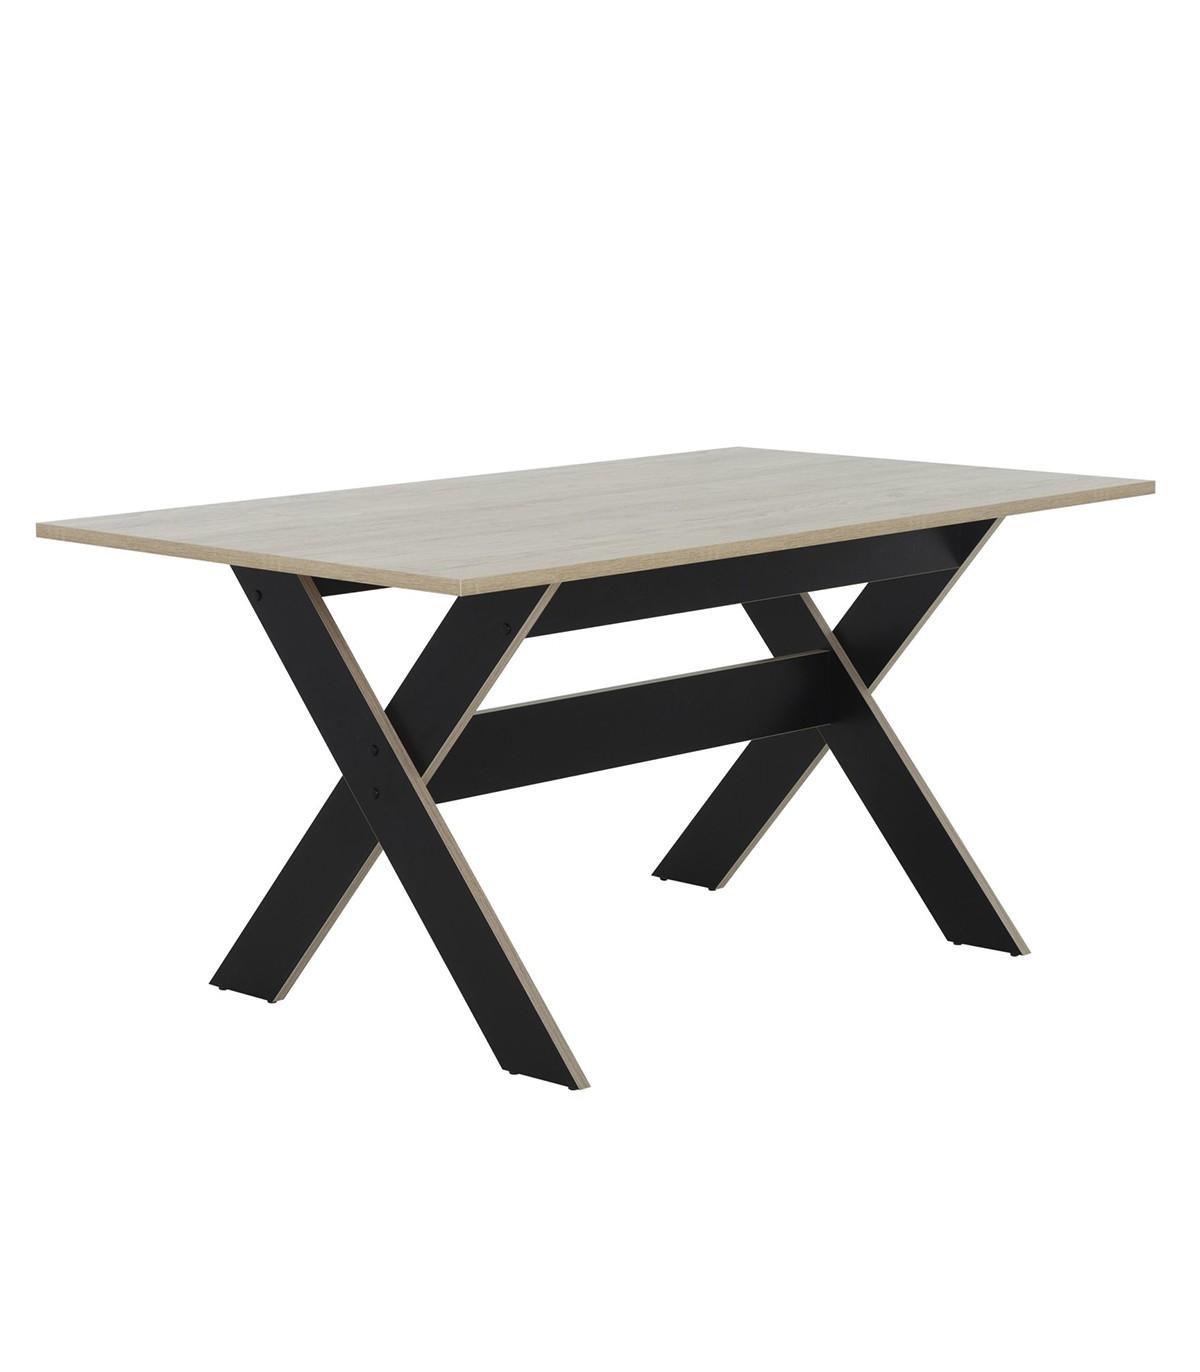 Table à manger rectangulaire décor bois et noir - L160cm